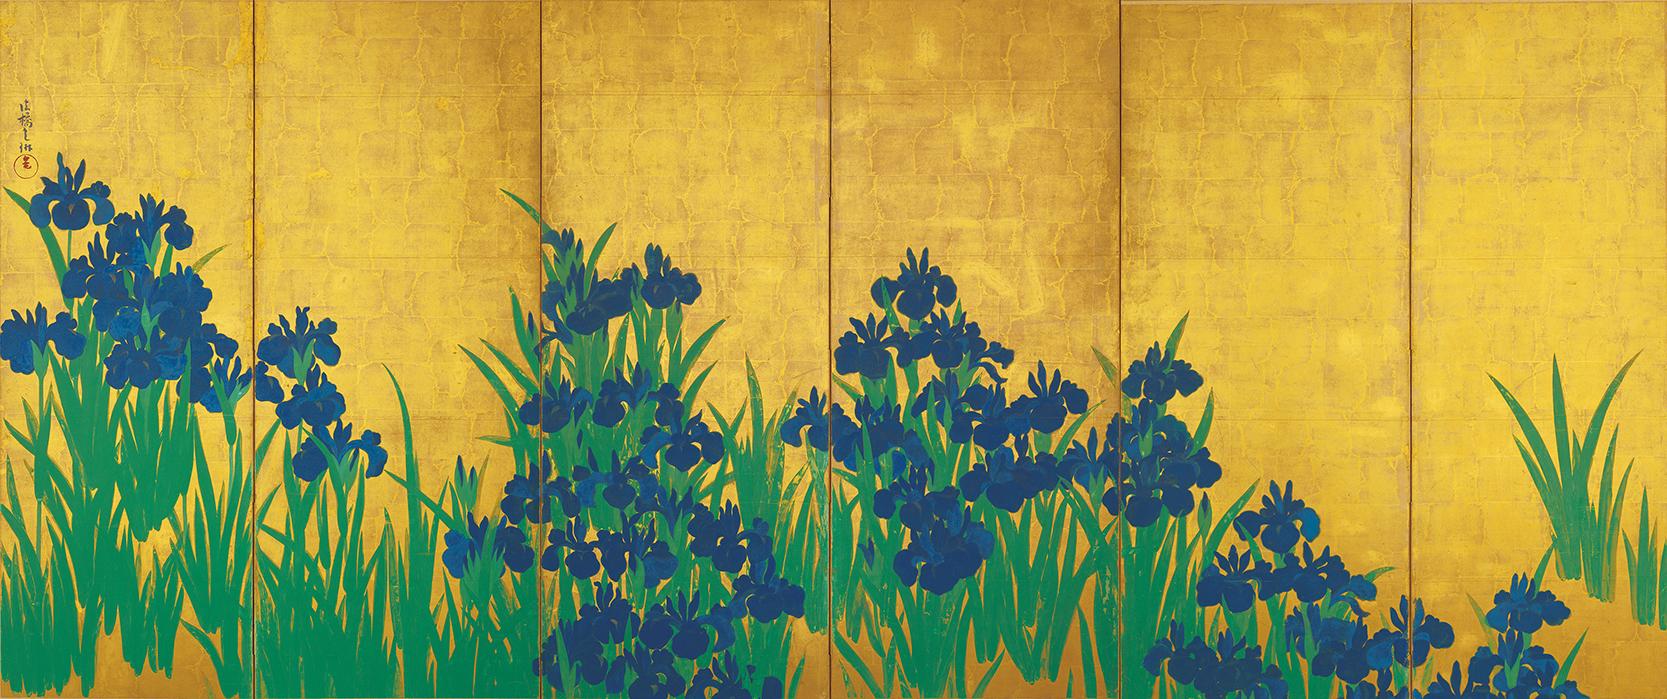 国宝 燕子花図屏風(左隻) 尾形光琳筆 江戸・18世紀 東京・根津美術館 11月14日~11月26日展示